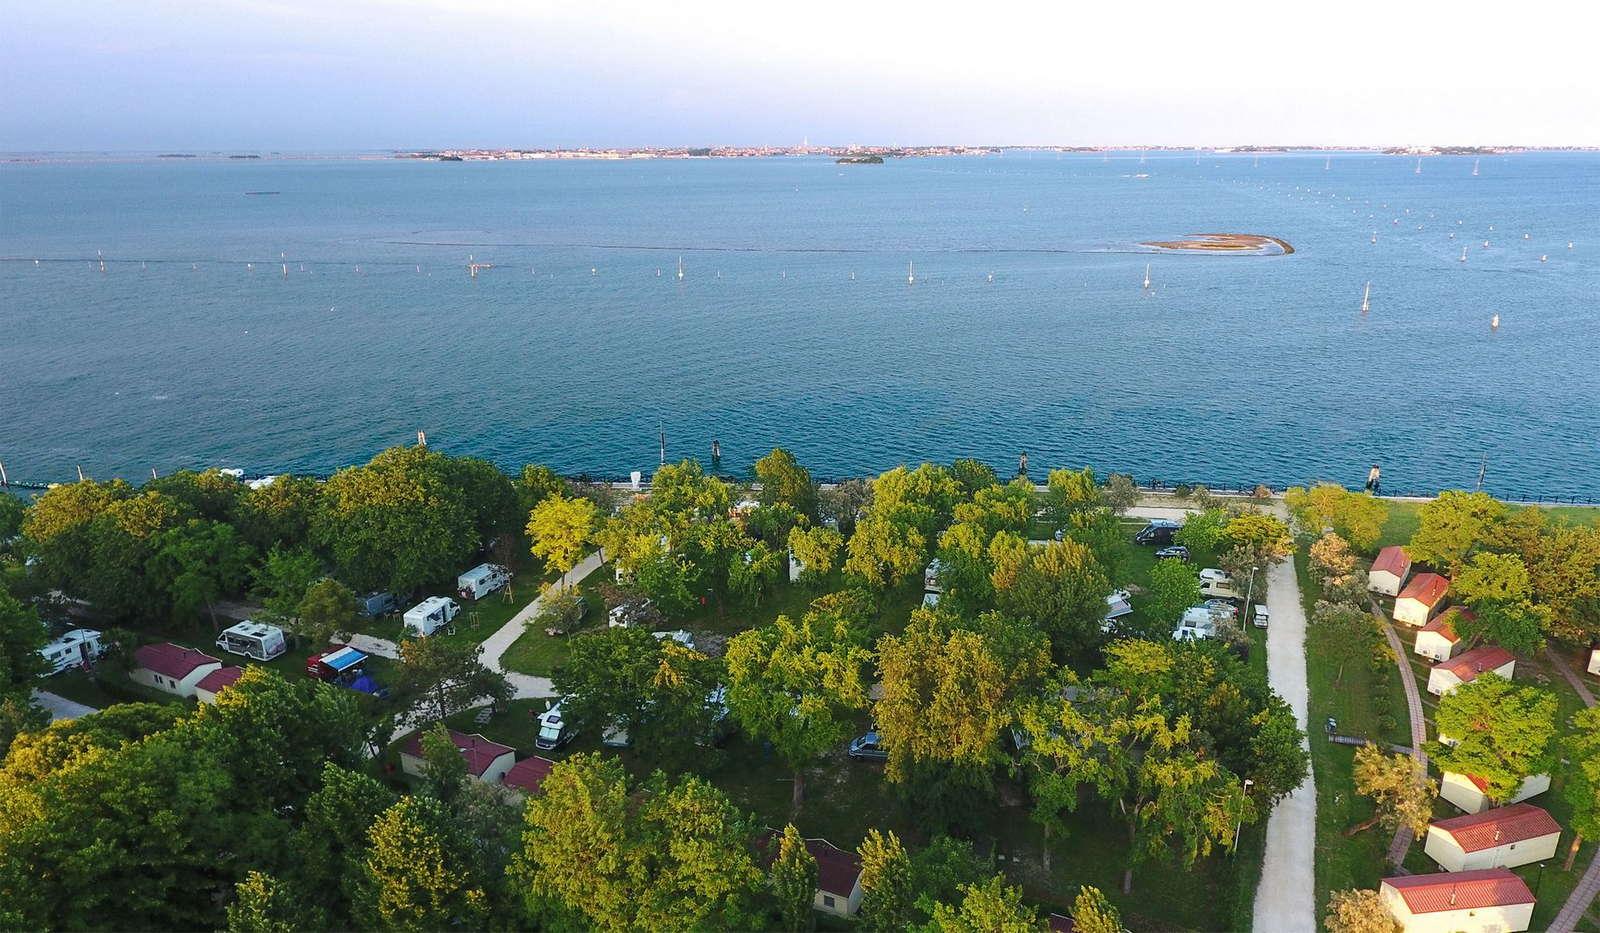 Vista dall'alto del Camping Fusina a Venezia